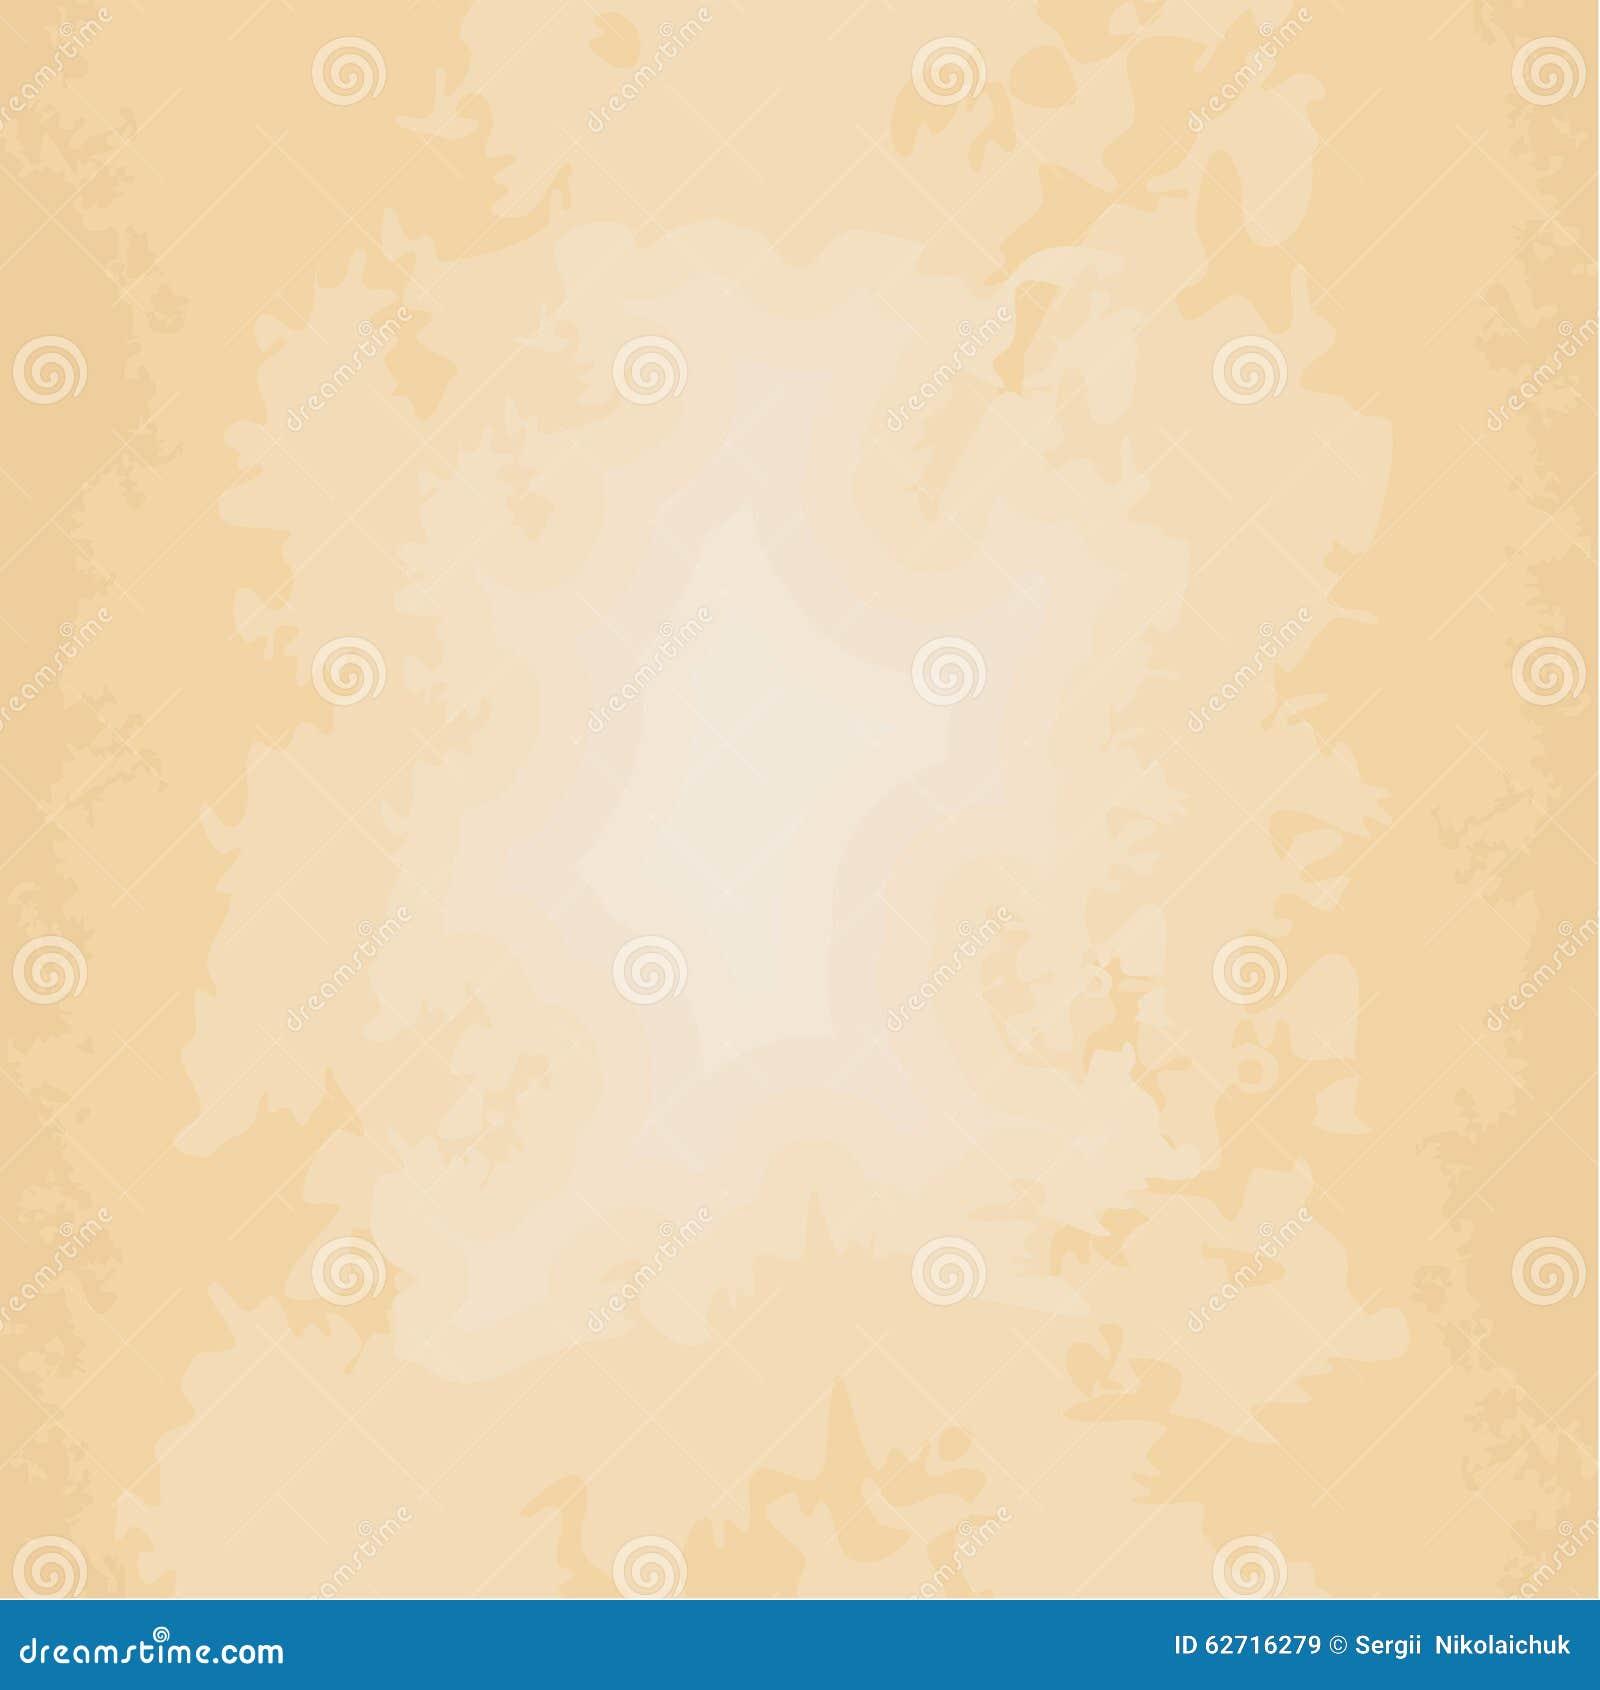 fond beige  vieux papier sale illustration de vecteur